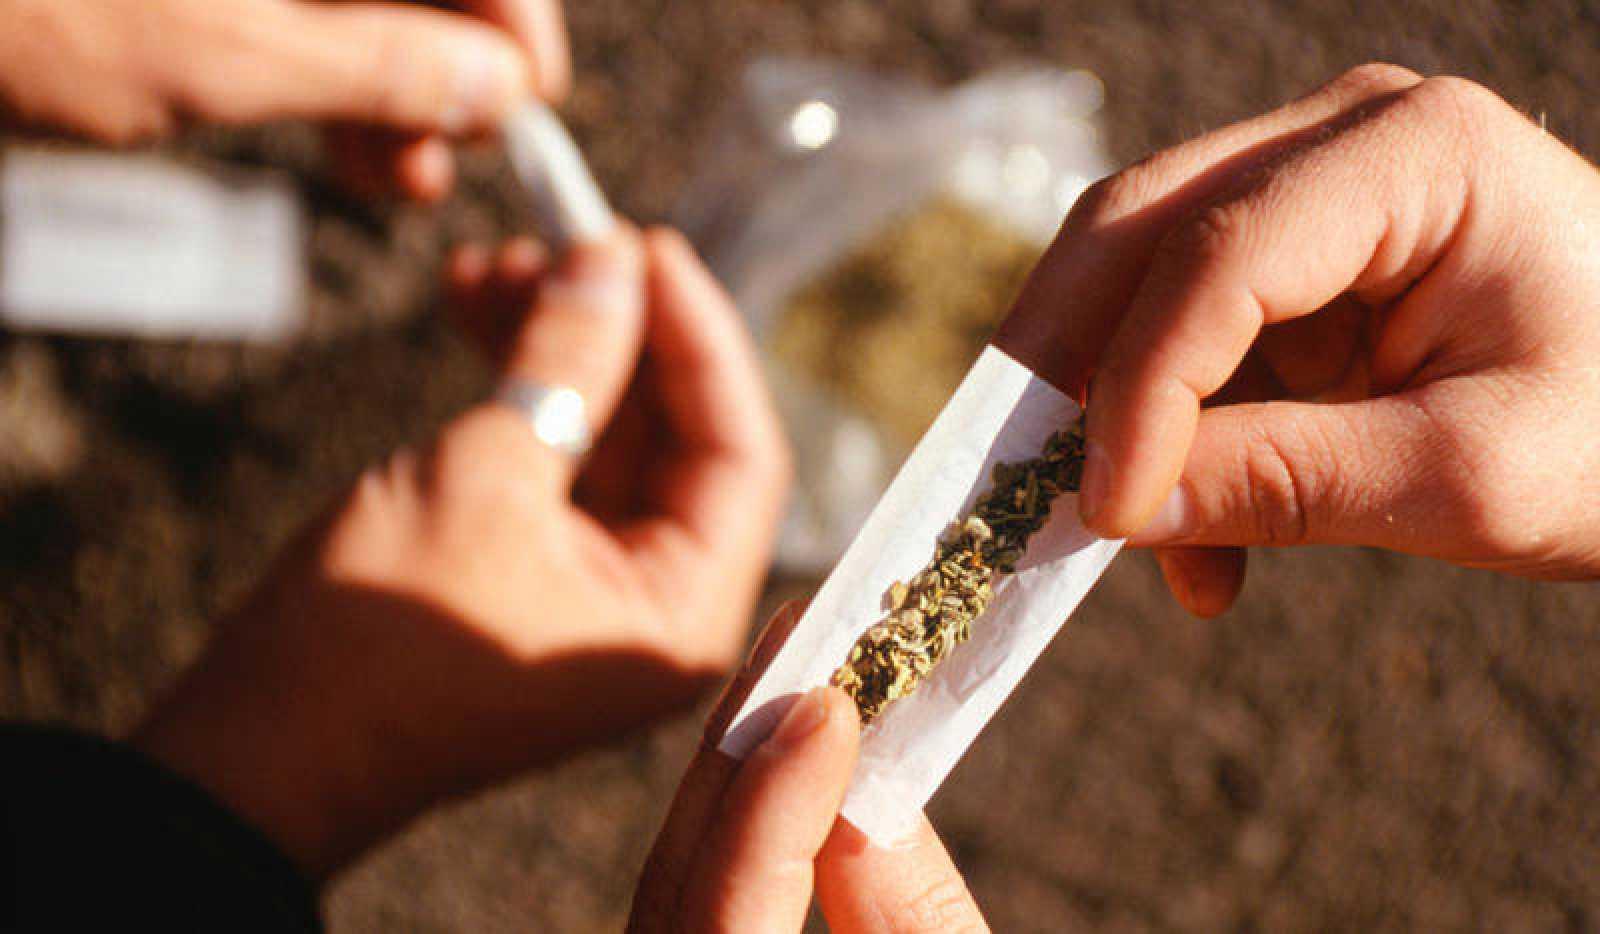 Consumo de cannabis pode envelhecer o cérebro em quase três anos